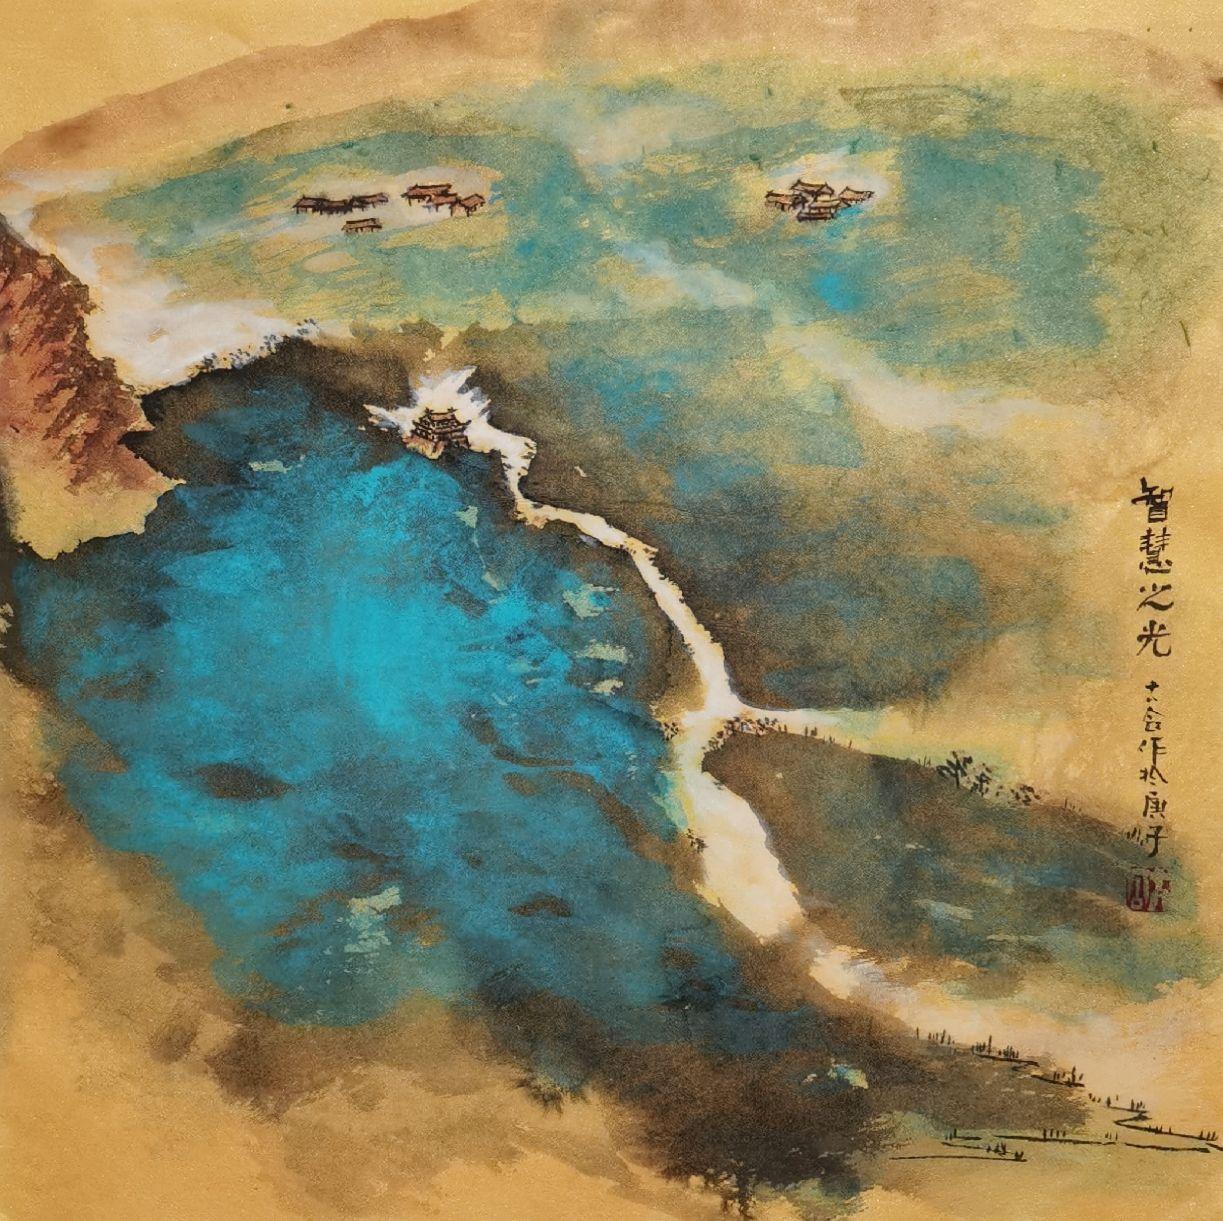 十八公泼彩青绿山水《智慧之光》